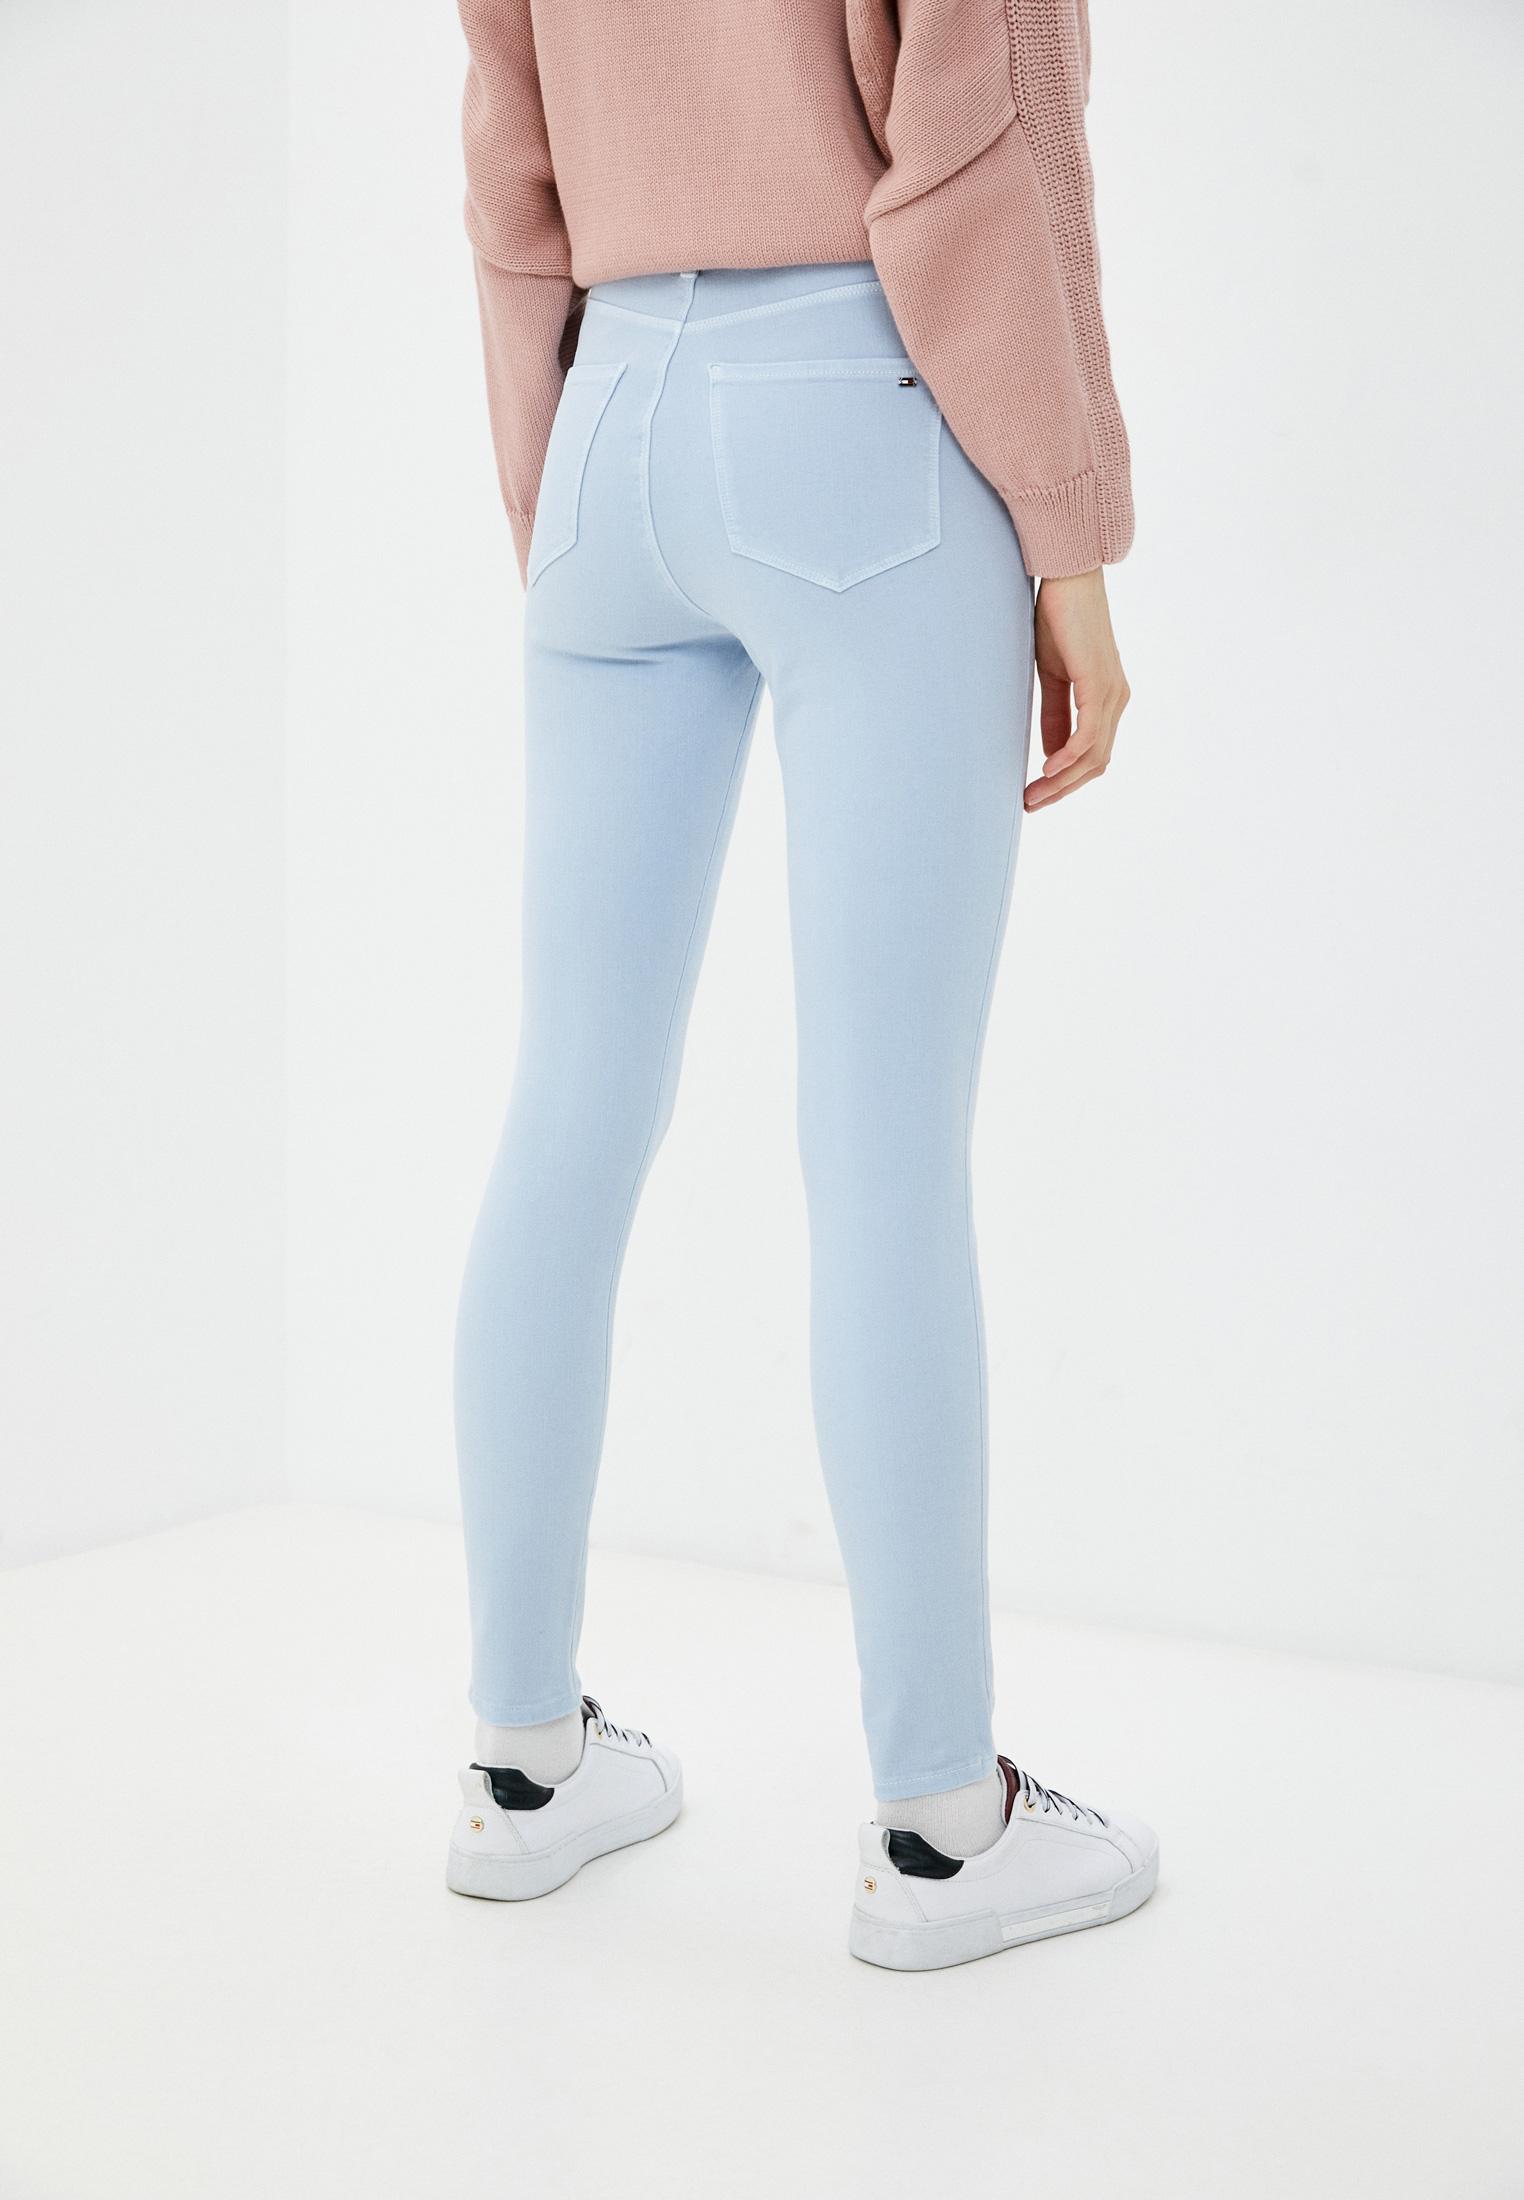 Зауженные джинсы Tommy Hilfiger (Томми Хилфигер) WW0WW31267: изображение 3